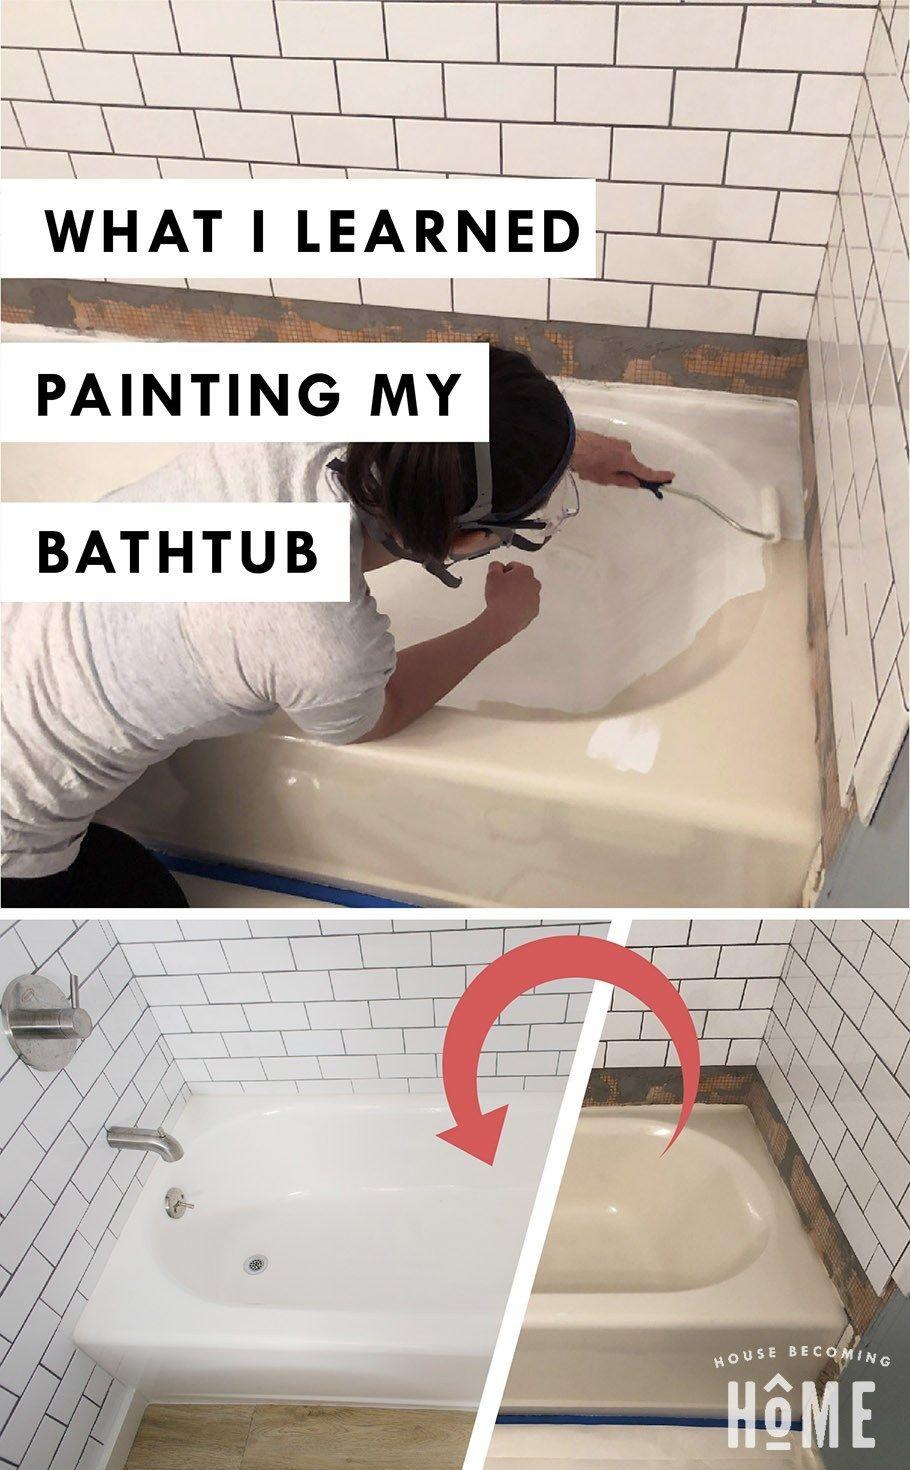 How To Paint A Bathtub Painting Bathtub Diy Bathtub Diy Bathroom Remodel